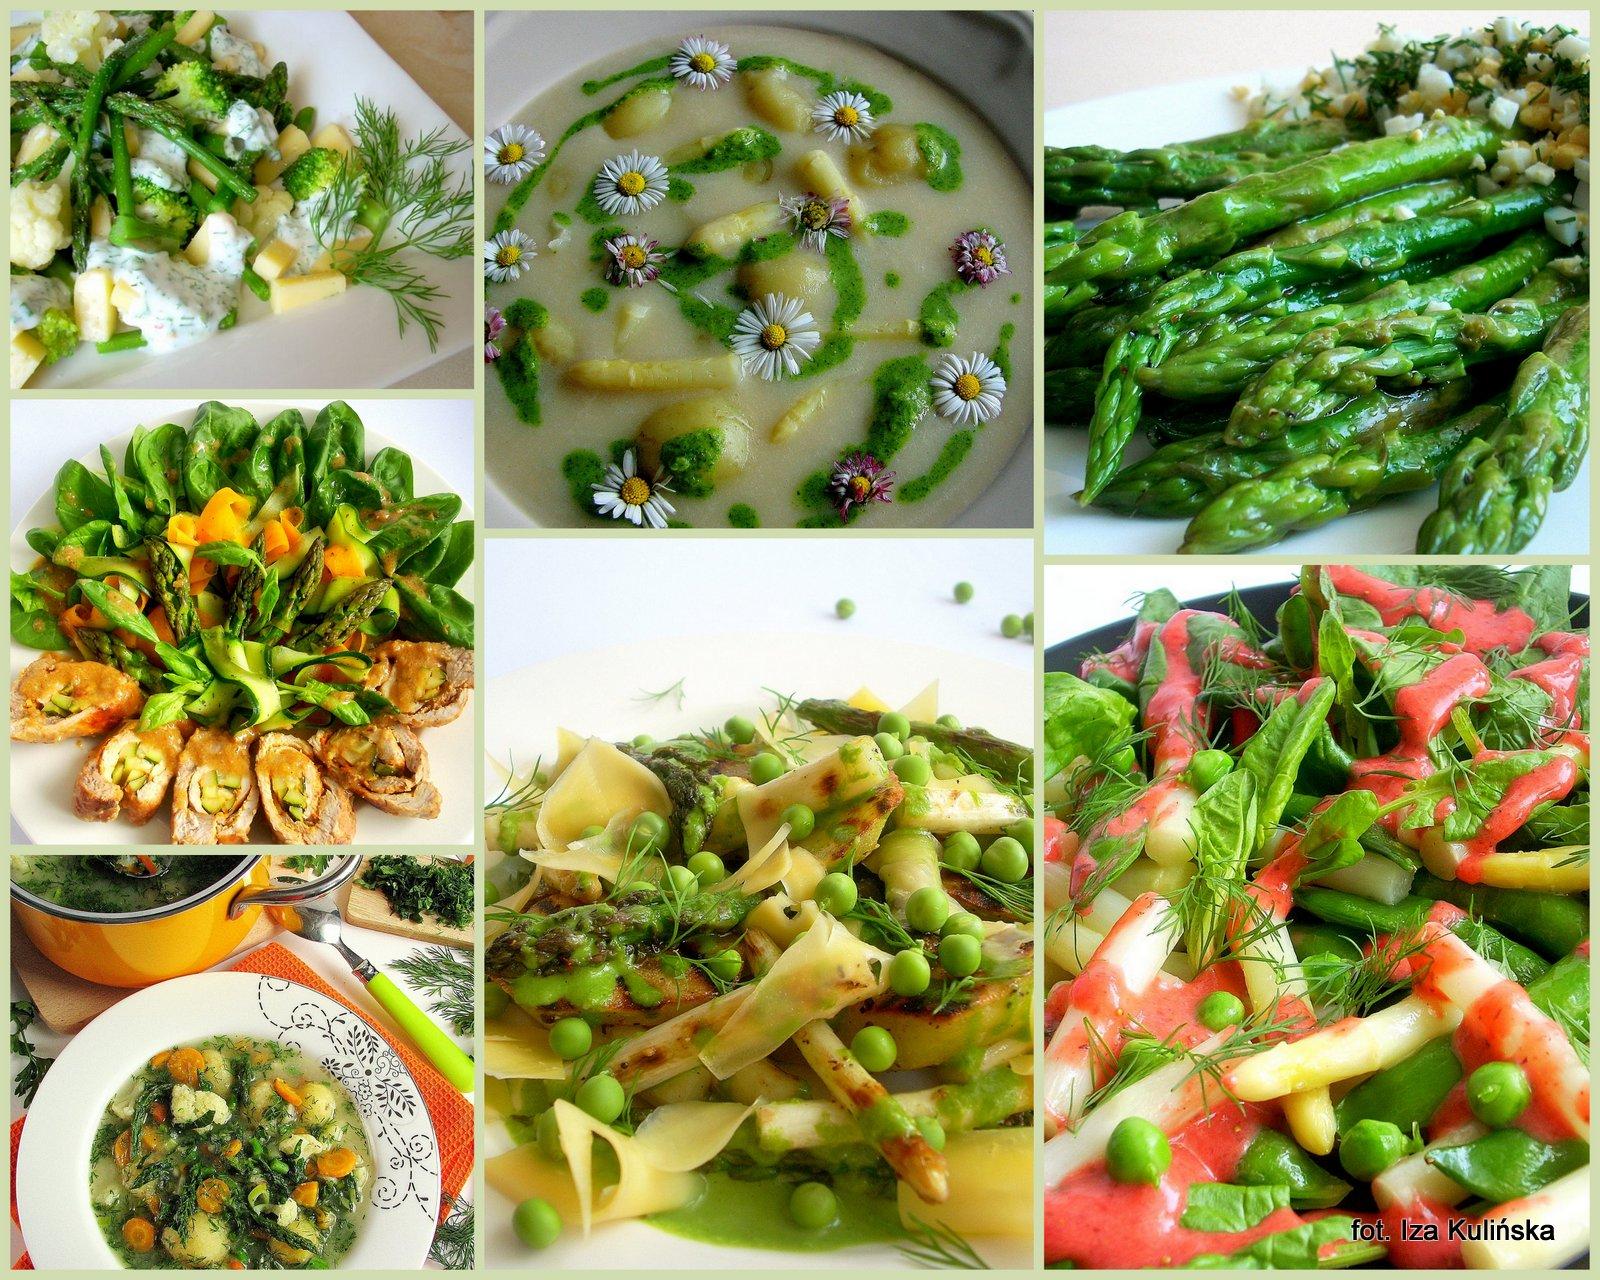 szparagi, dania, domowe jedzenie, co zrobic ze szparagow, jak wykorzystac szparagi, szparag